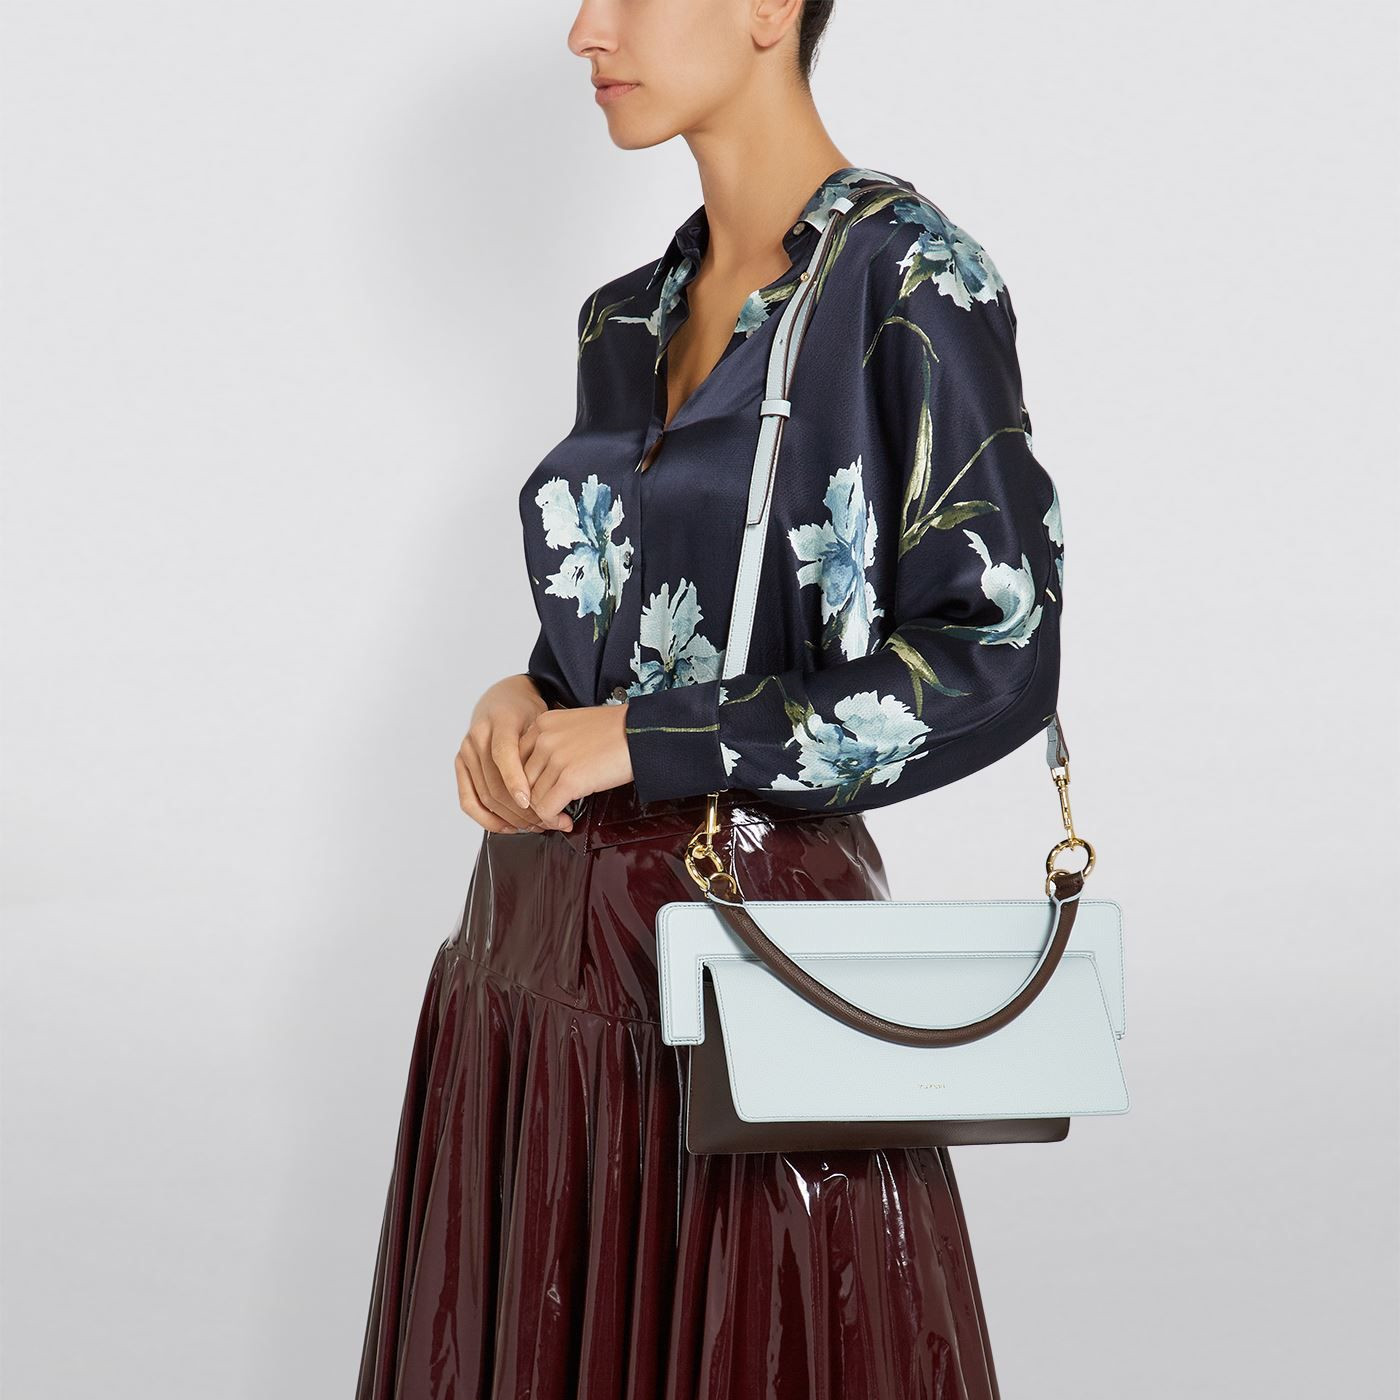 【直邮中国】没有一只Yuzefi的包包,不能说自己是包包爱好者!英国设计师品牌Yuzefi